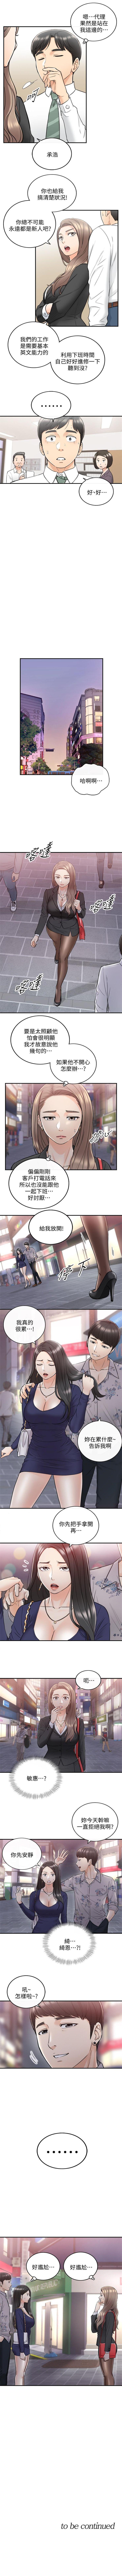 (週5)正妹小主管 1-39 中文翻譯(更新中) 212